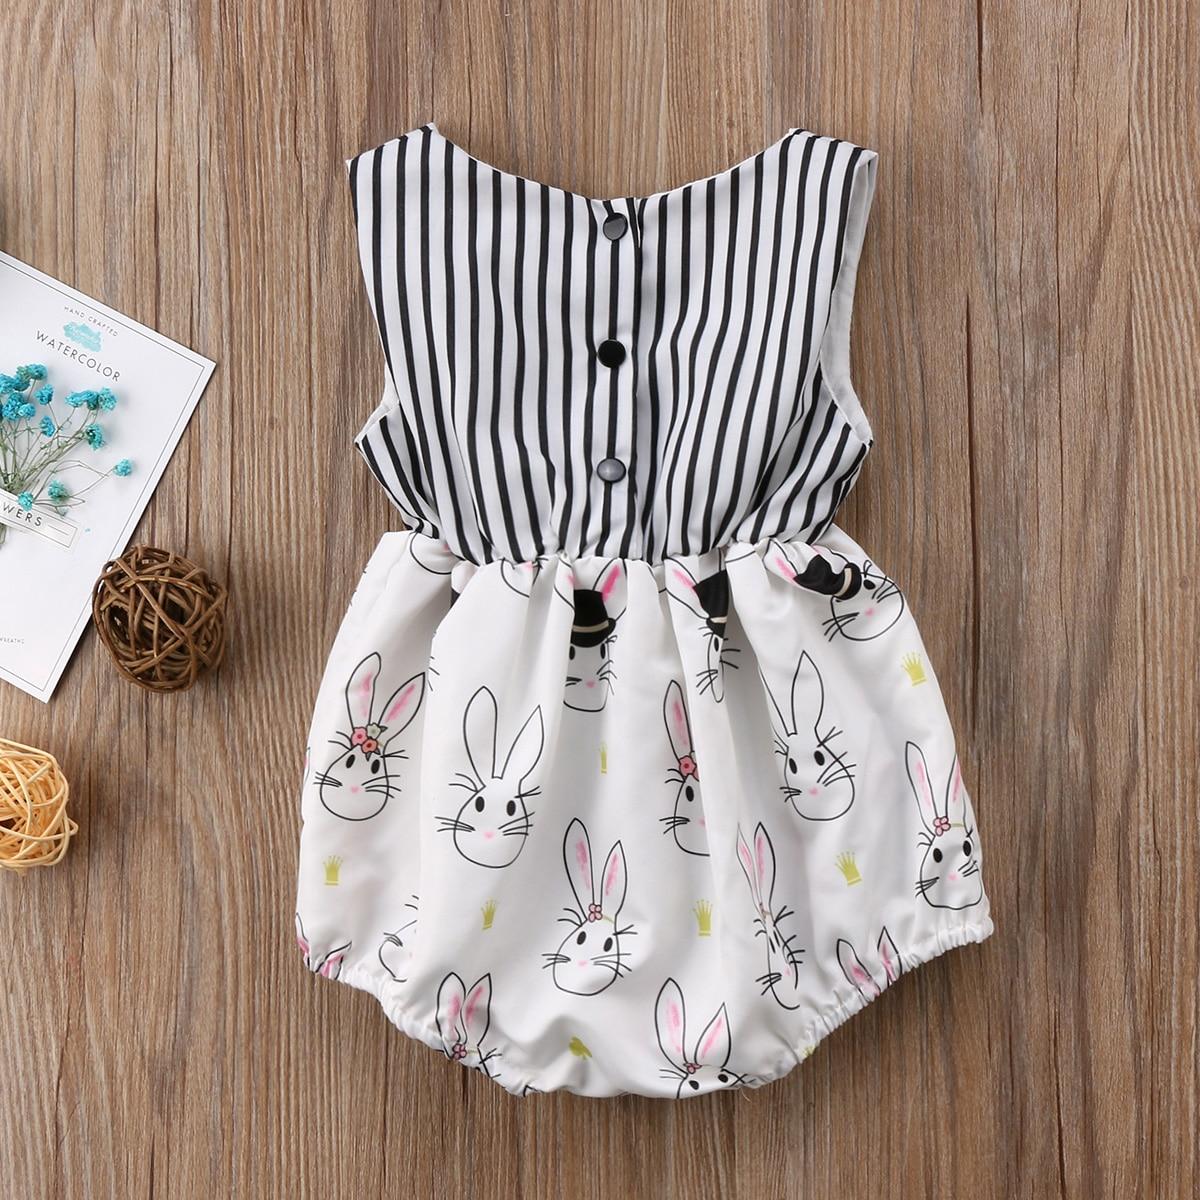 f36a21d69 Trajes para niñas conjunto de ropa 2018 nuevo unicornio mágico patrón  camiseta blanca falda de encaje